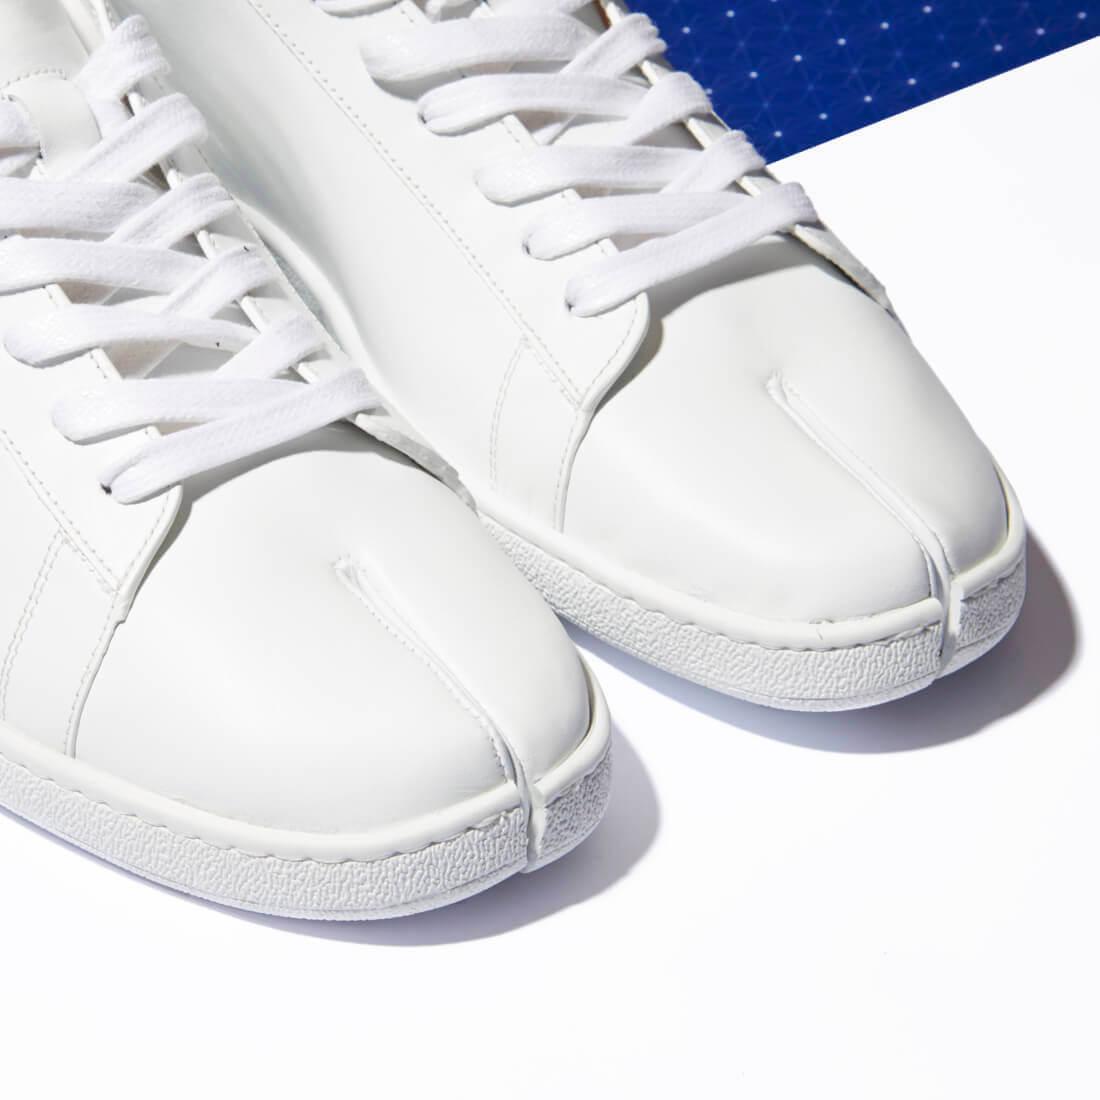 snd_tabi-sneaker_pattern25812